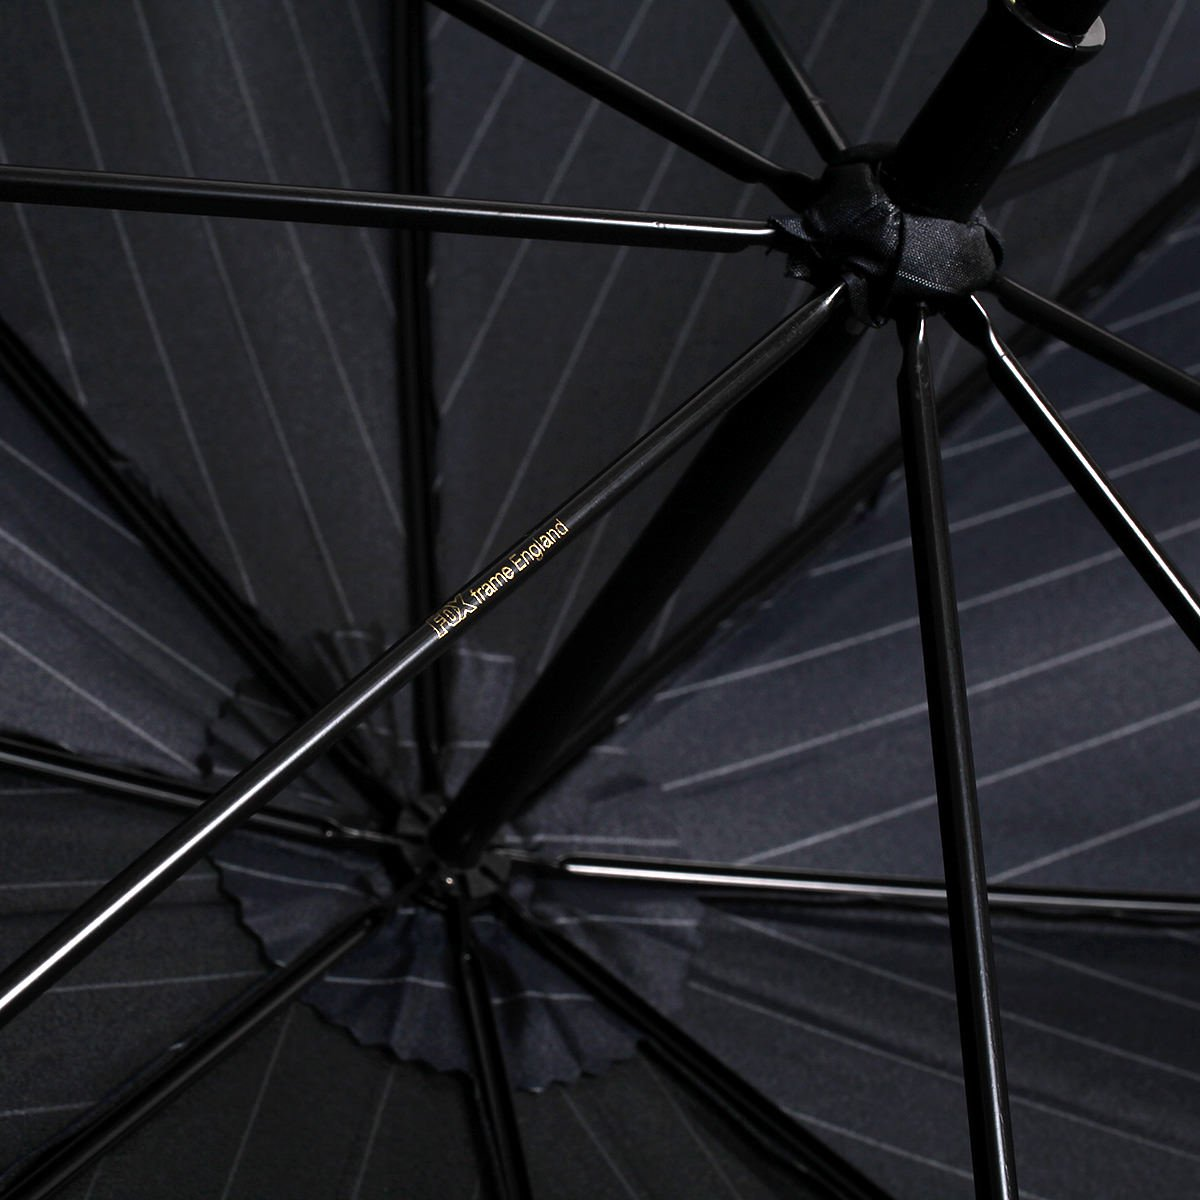 【WEB限定】FOX Frames ピンストライプ 長傘(ネイビー) 詳細画像11